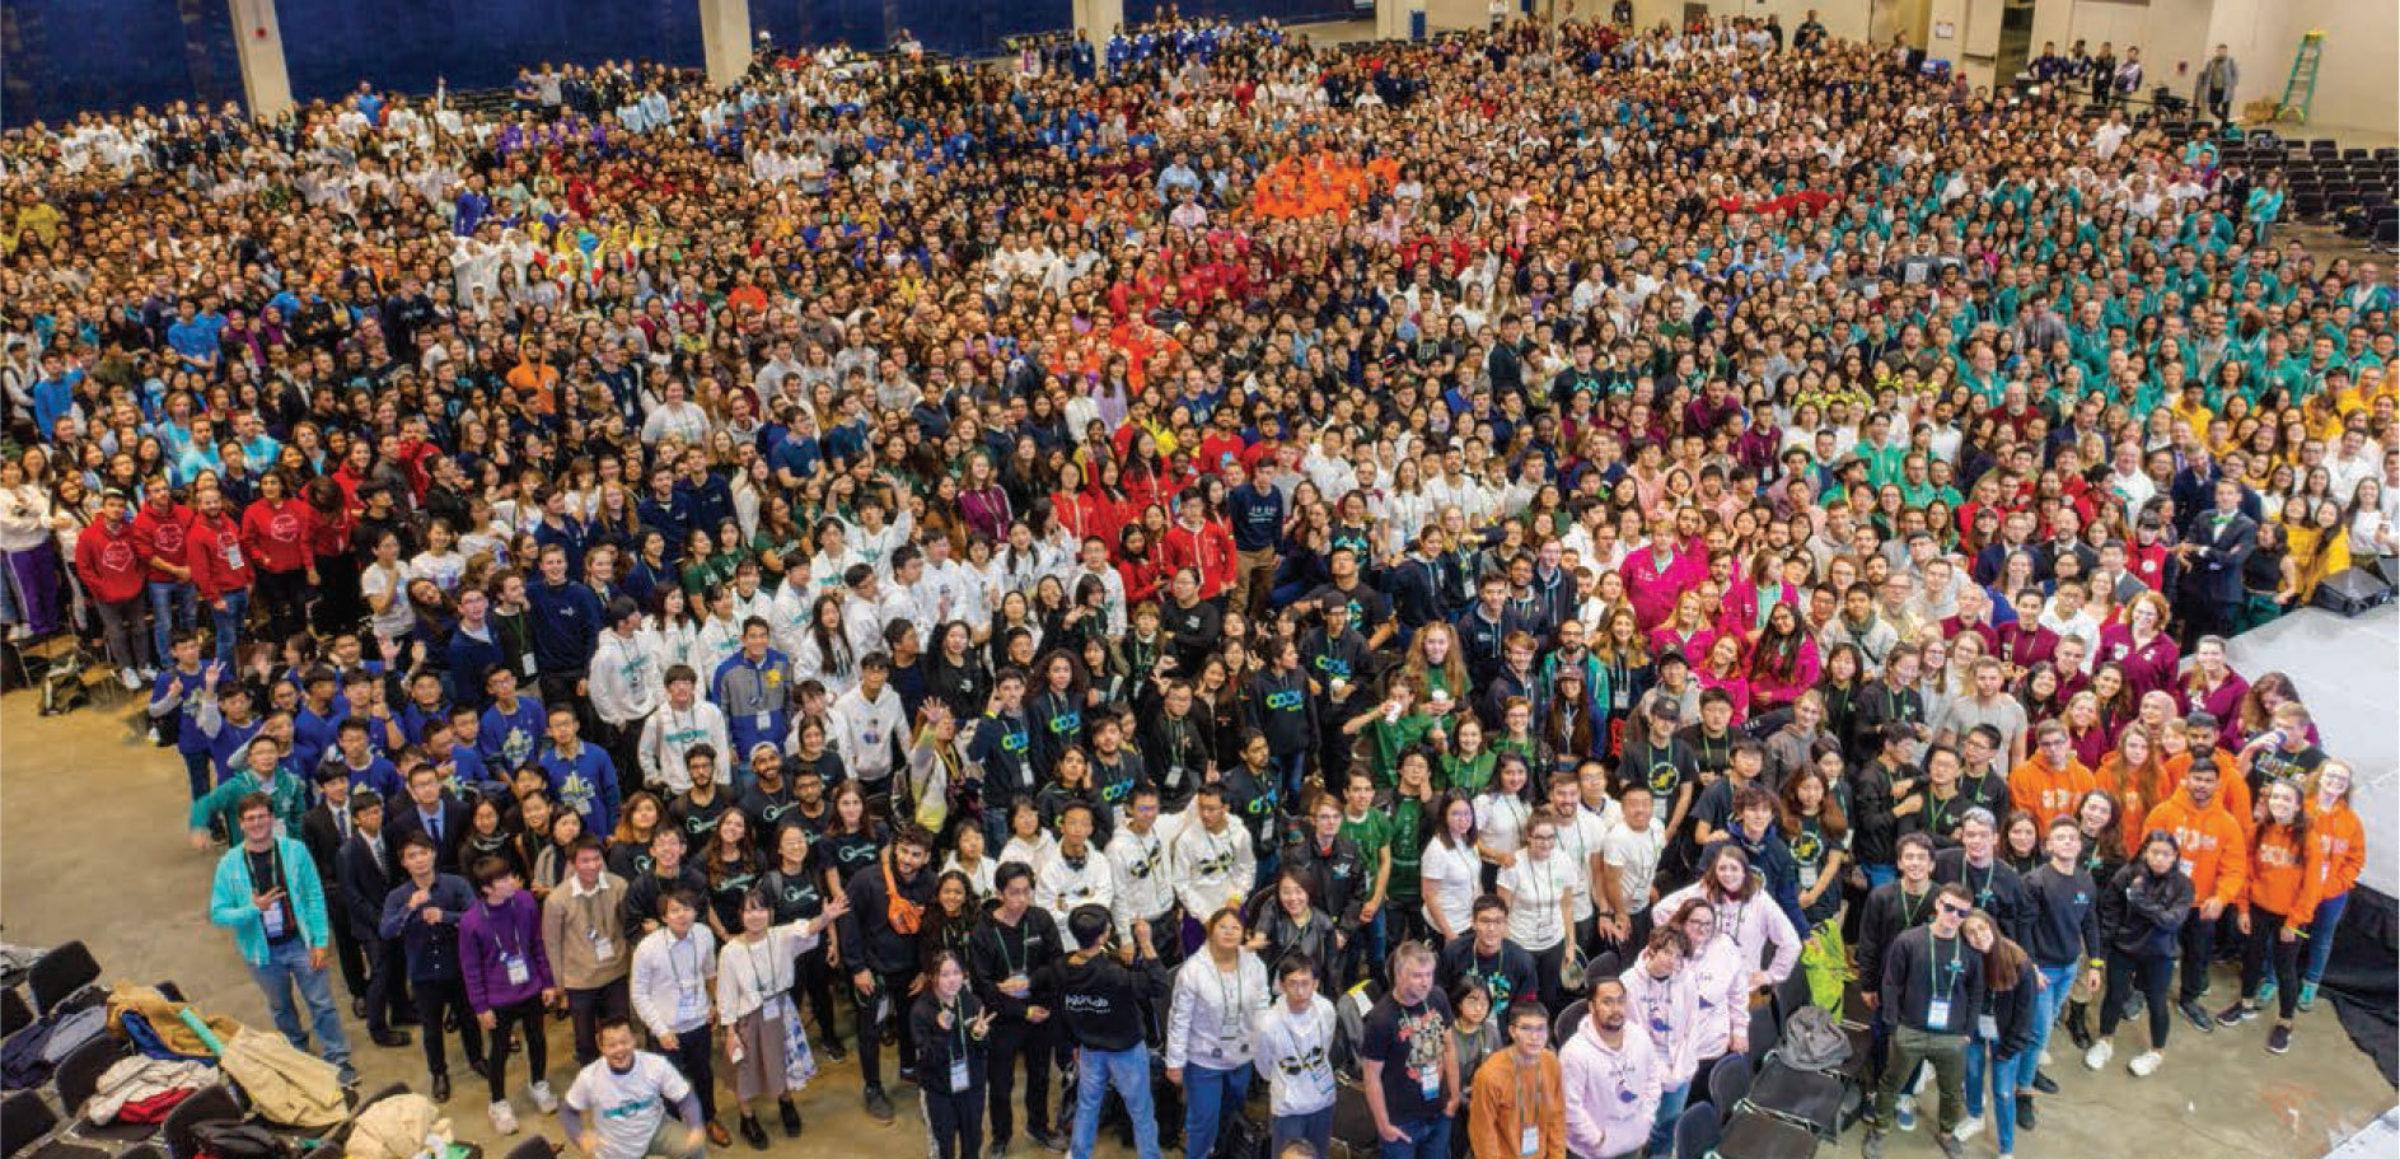 RIS iGEM Team Impress at the 2019 Giant Jamboree in Boston